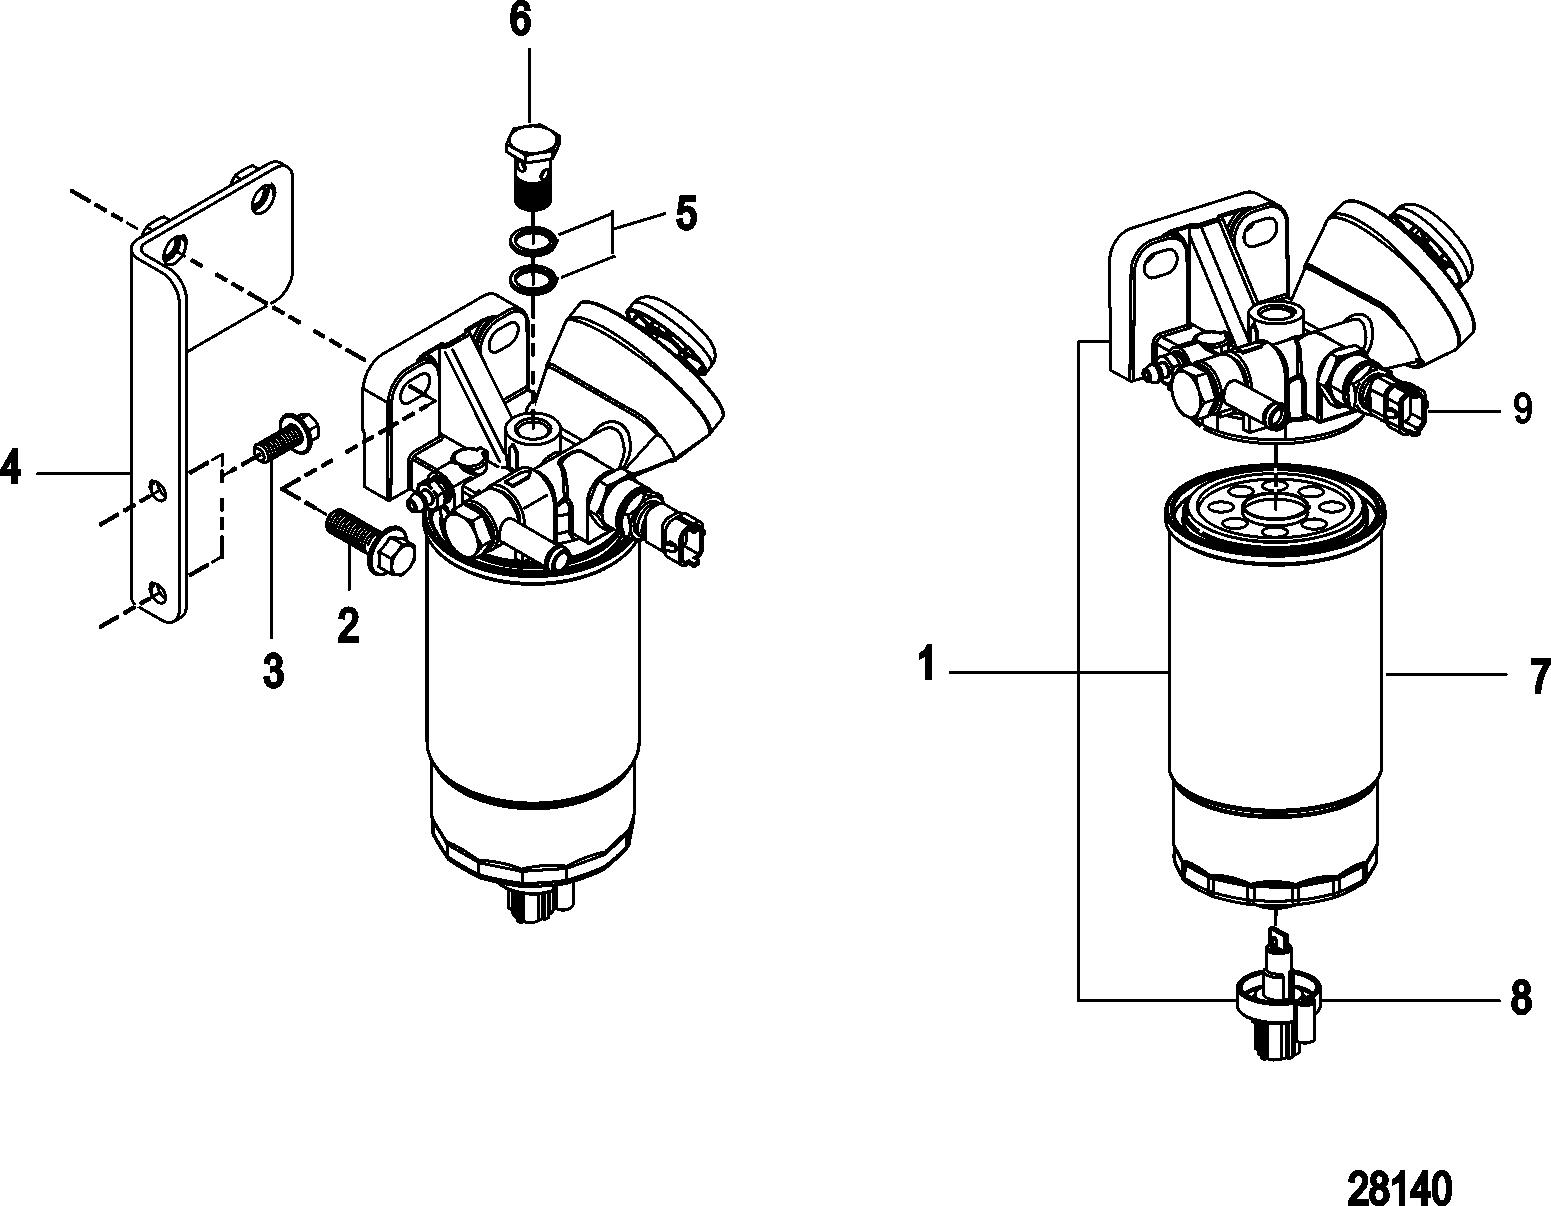 fuel filter assembly for mercruiser    mie cummins  mercruiser diesel qsd